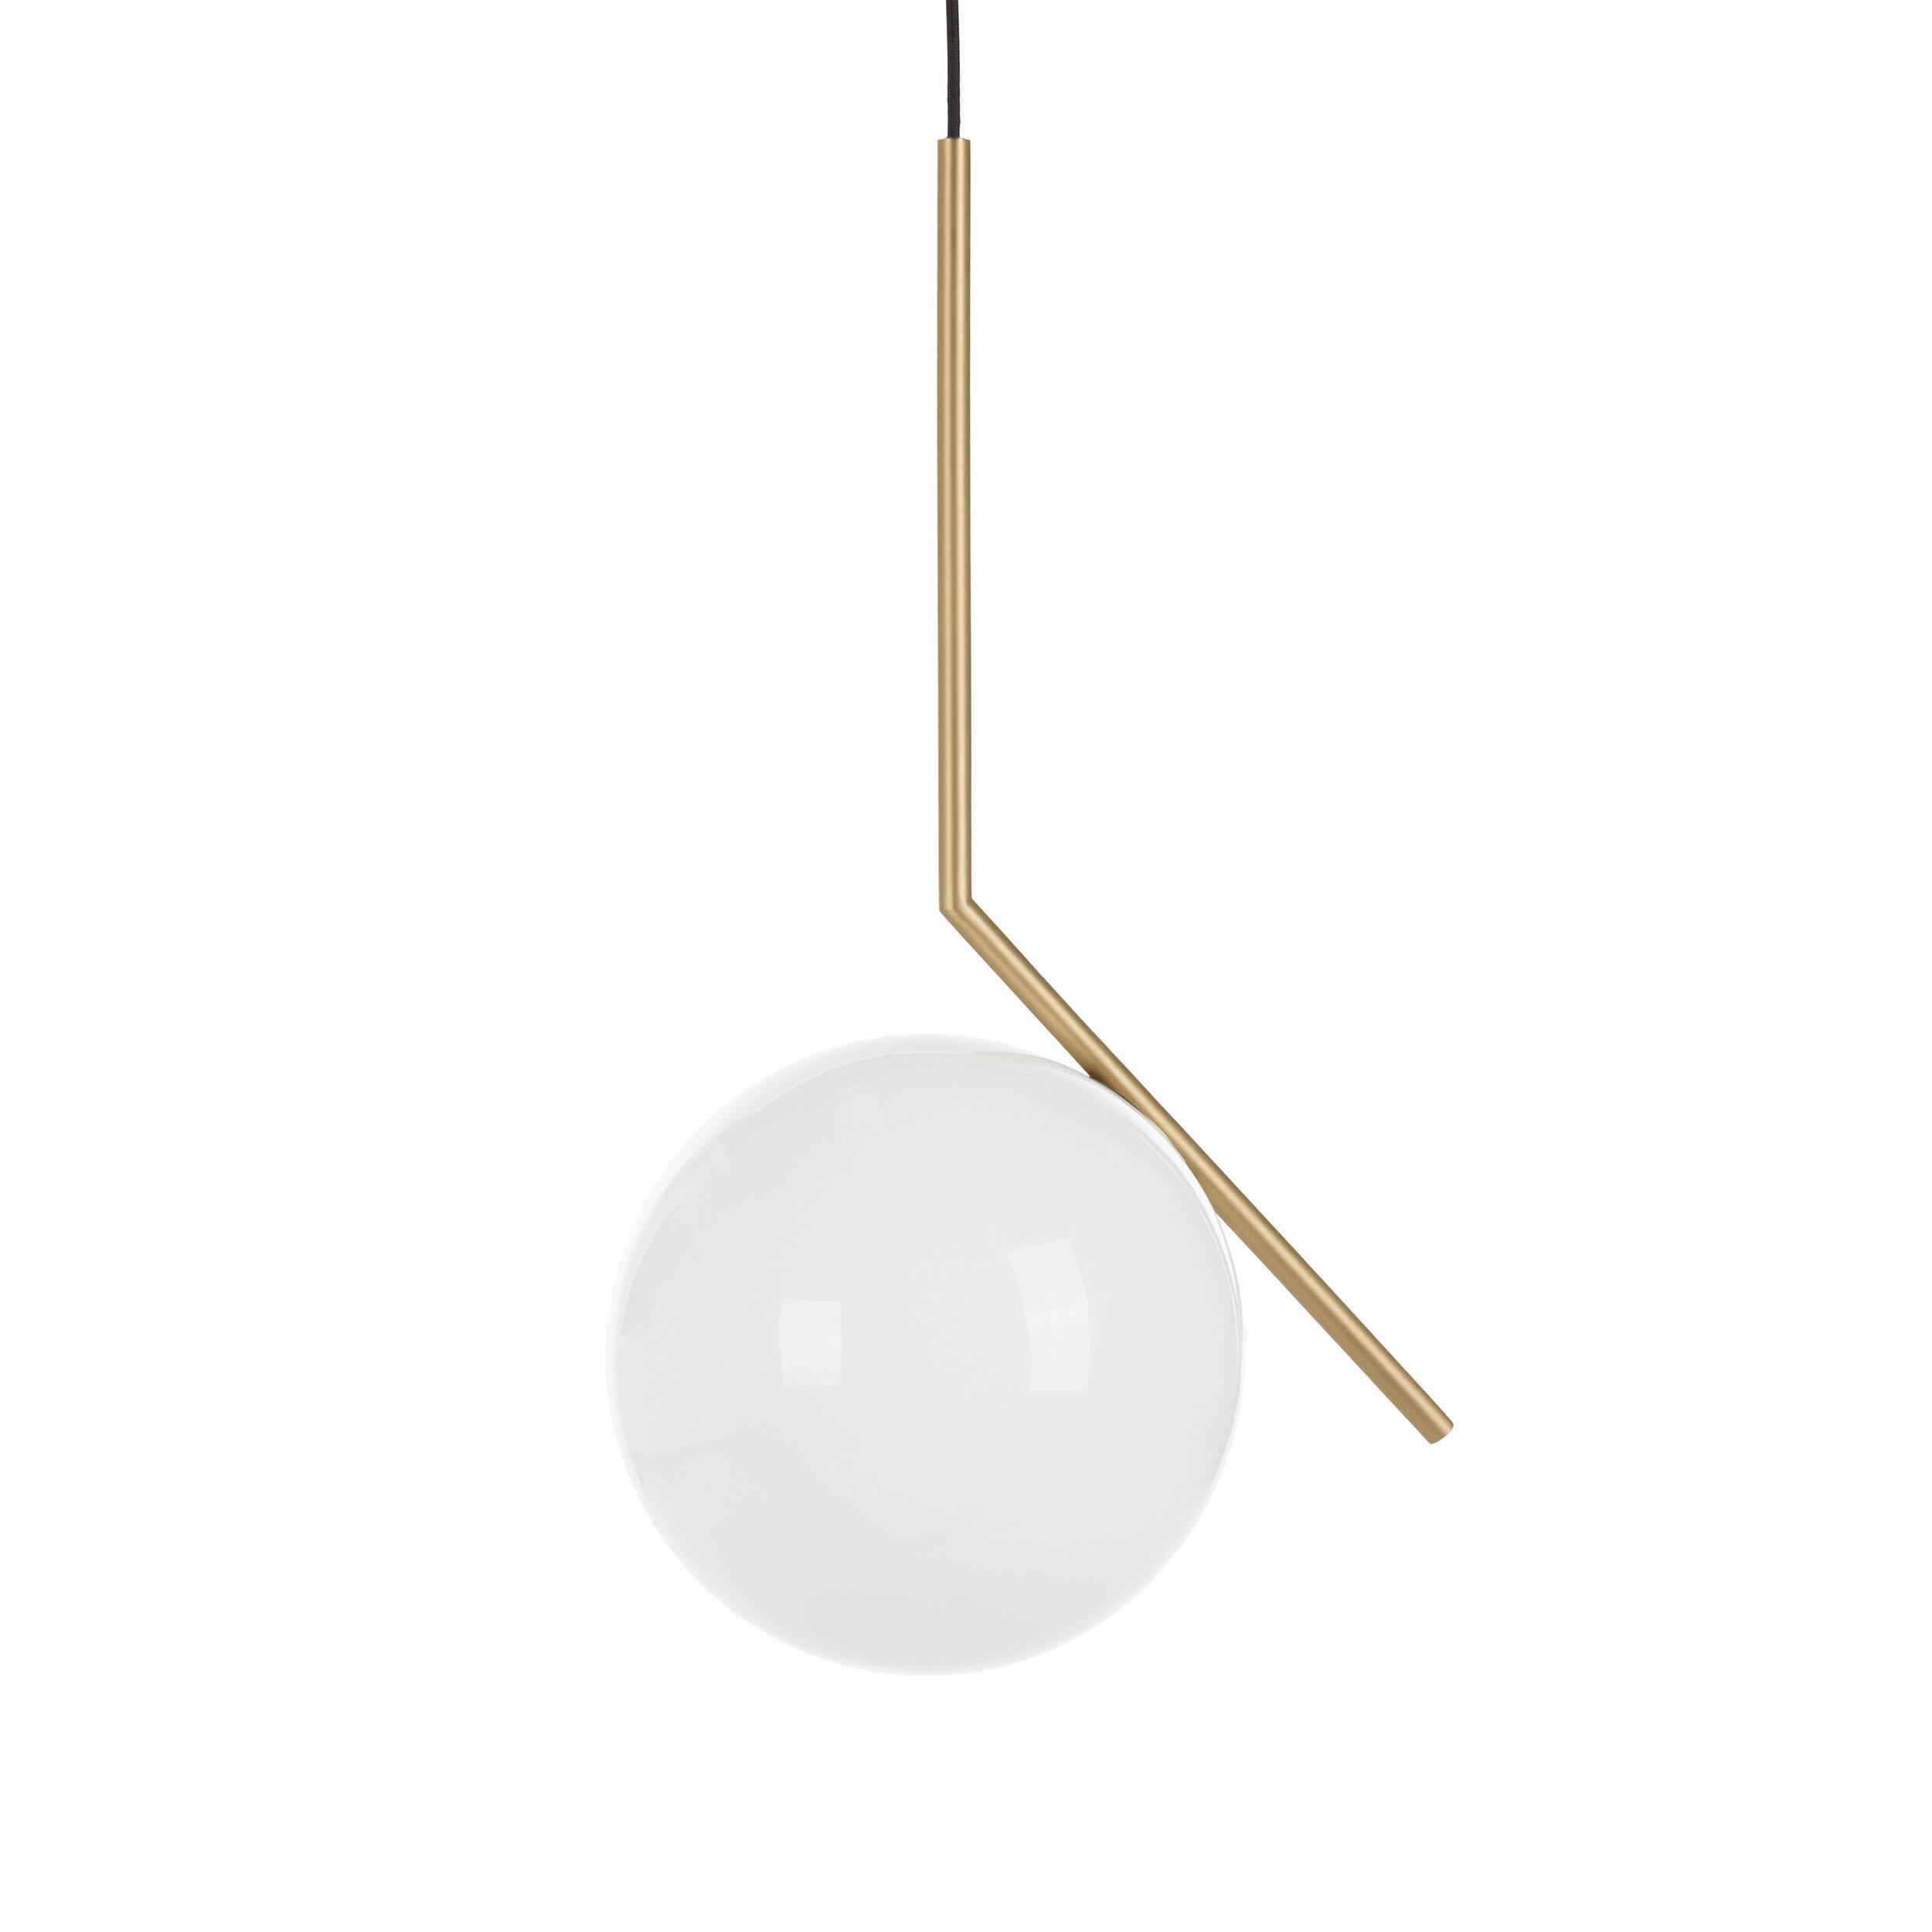 Светильник потолочный Cosmo 15580734 от Cosmorelax